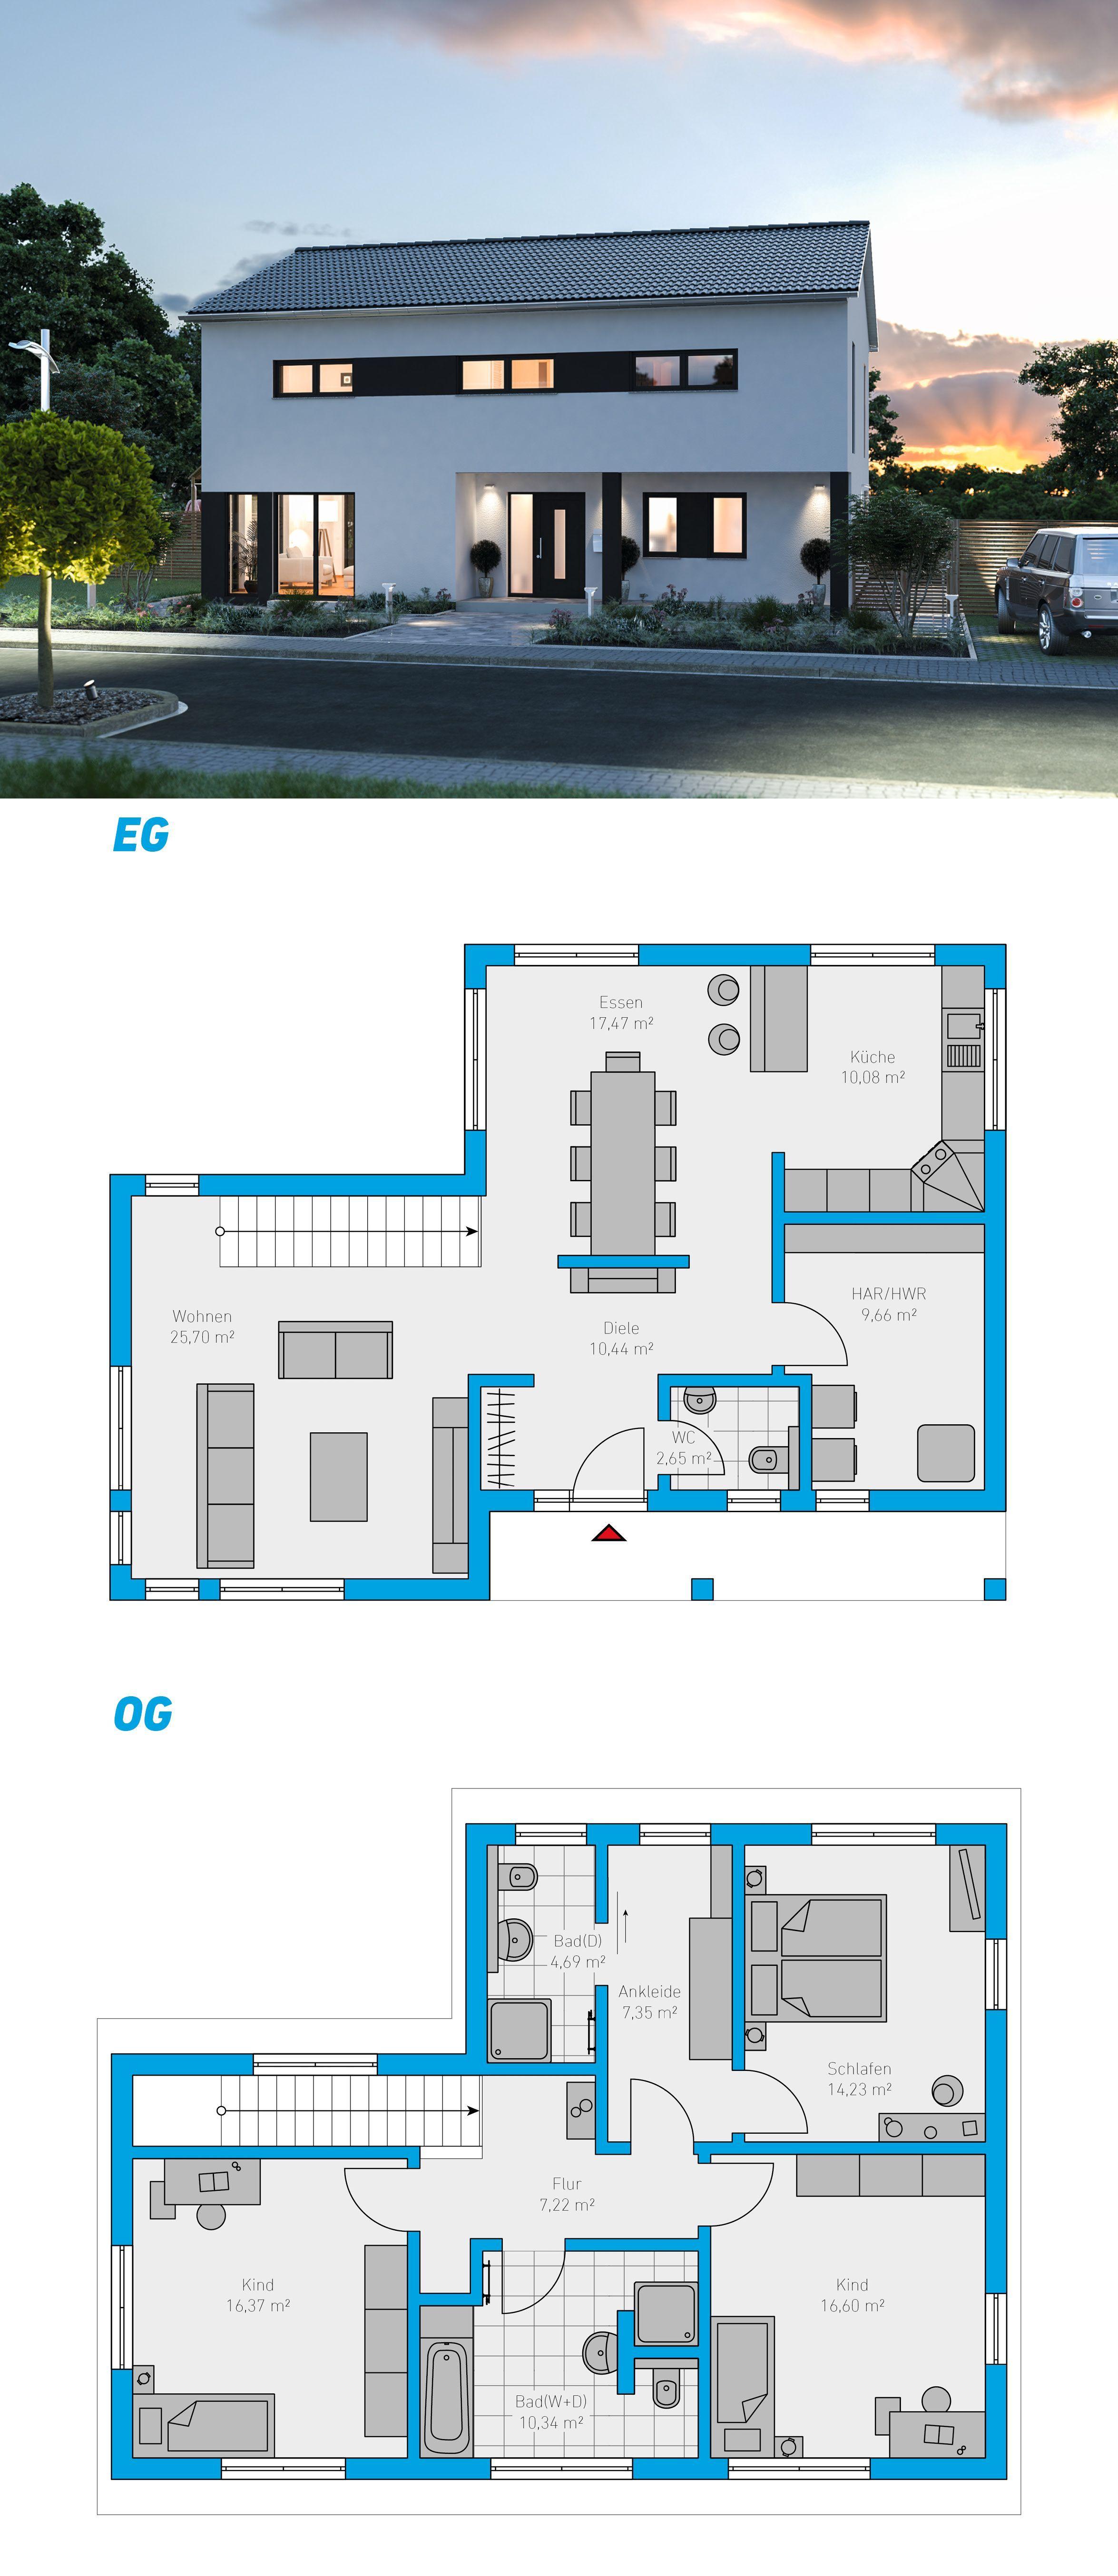 Edita 153 Schlusselfertiges Massivhaus 2 Stockiges Spektralhaus Ingutenwa Bildungsarchitektur House Architecture Design Architecture House Countryside House